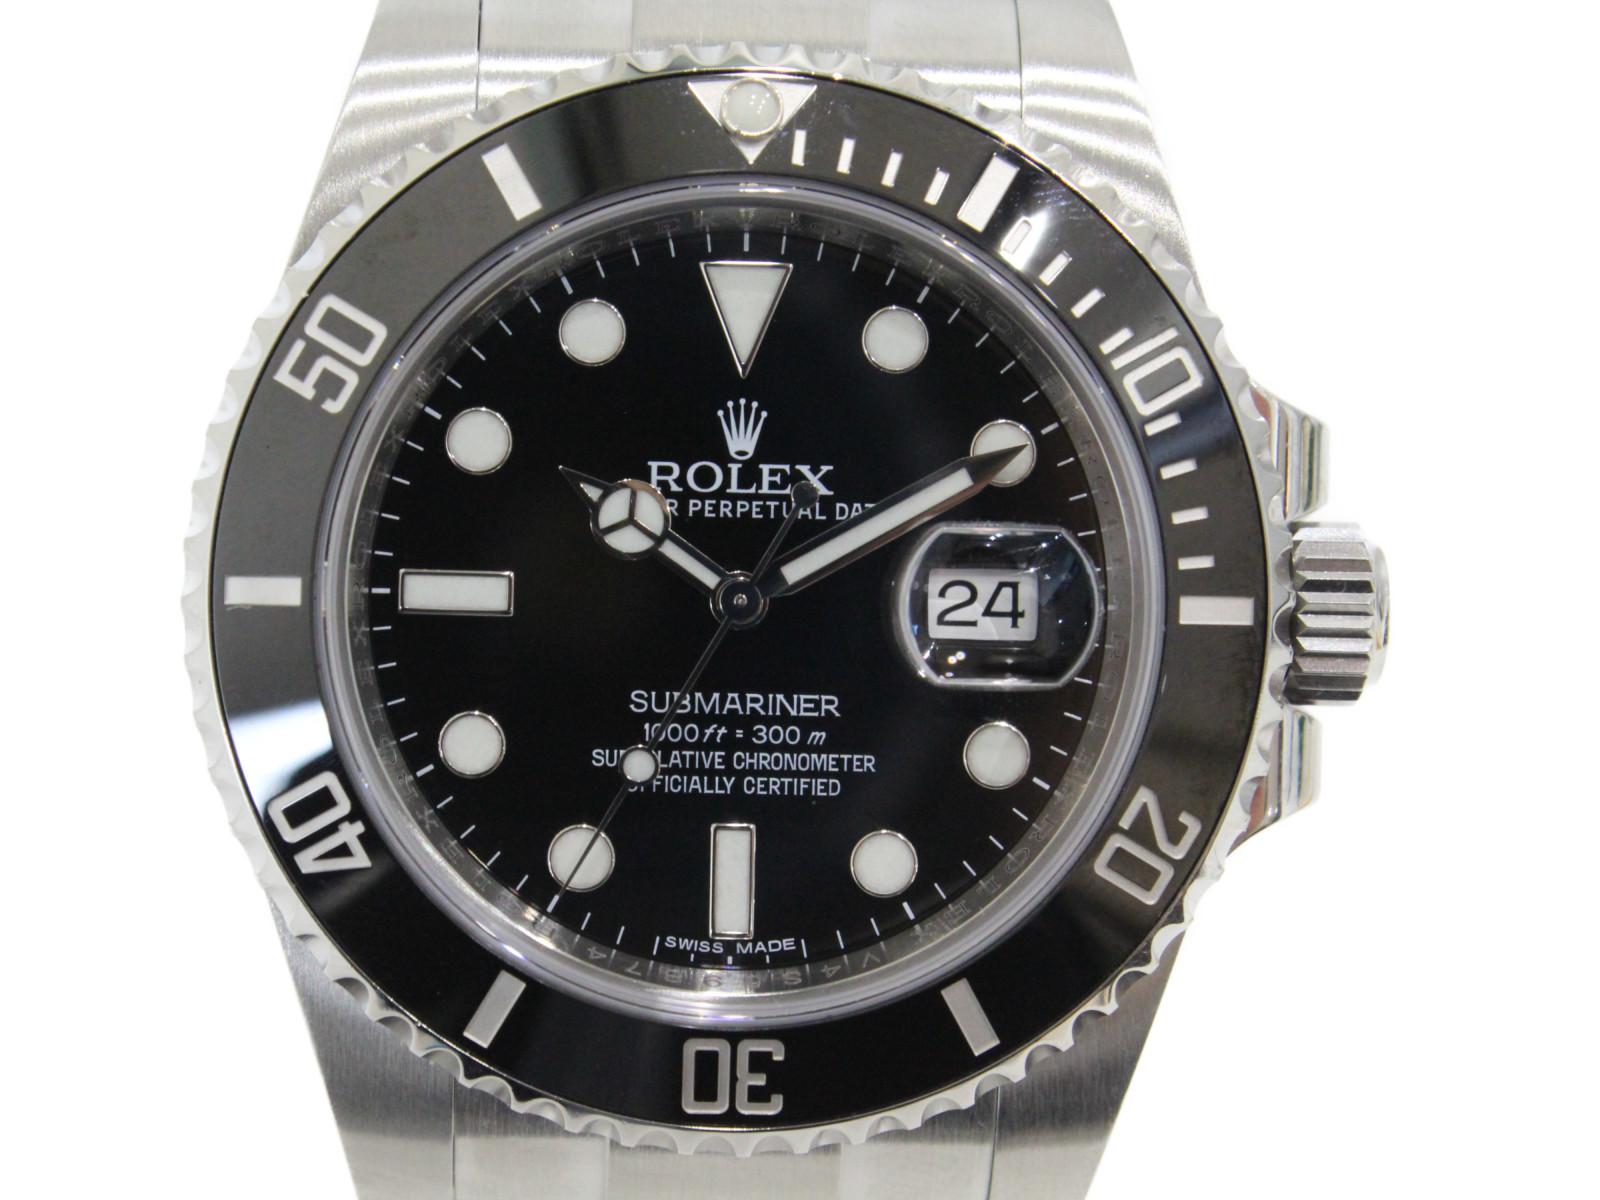 【OH済み】ROLEX ロレックス サブマリーナーデイト 116610LN 自動巻き ランダム 2015年 SS ステンレススチール ブラック メンズ 腕時計【中古】